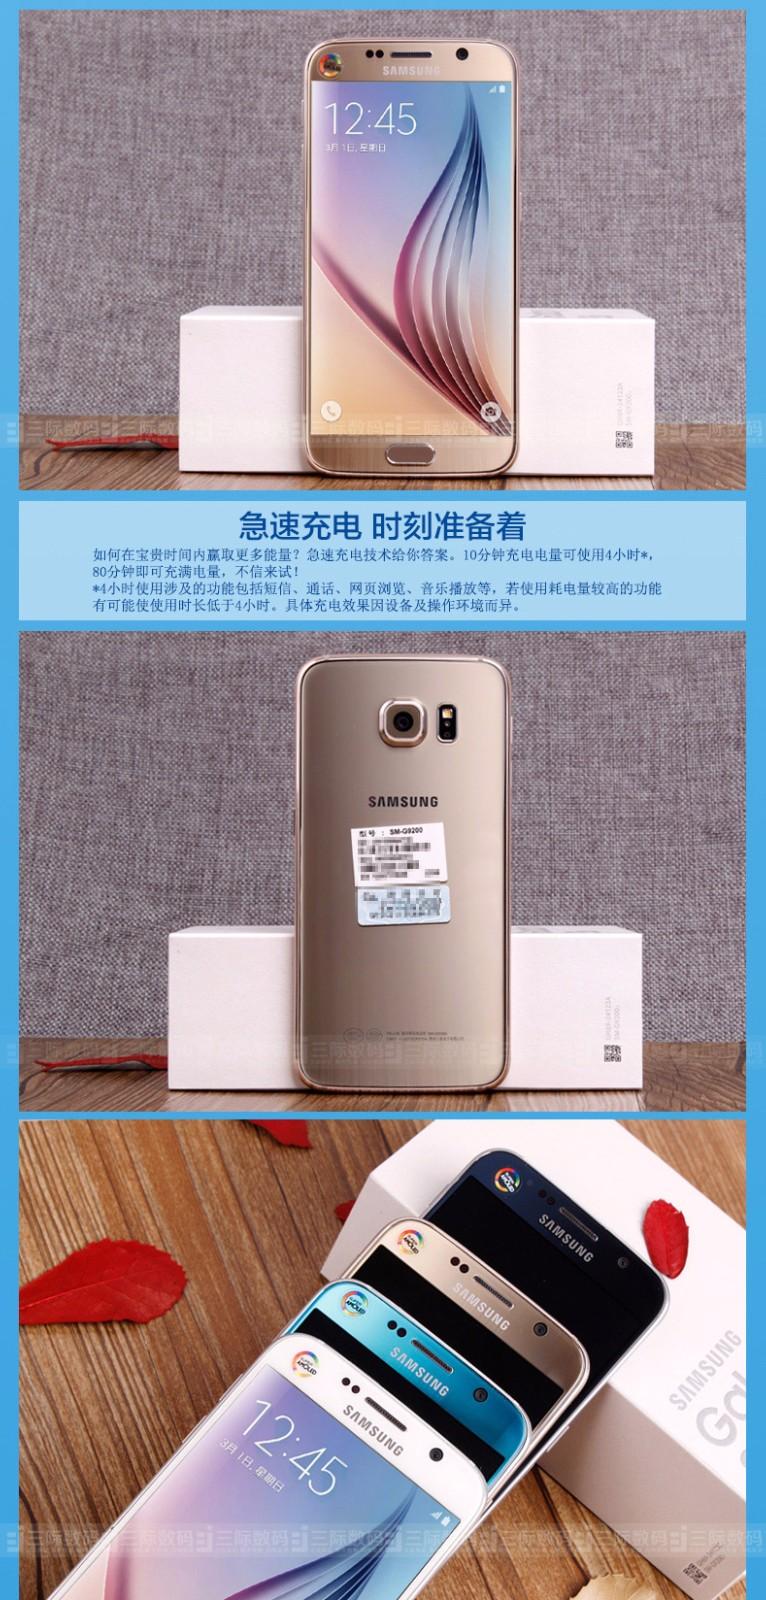 三星 GALAXY S6 SM-G9200 全网通图片六